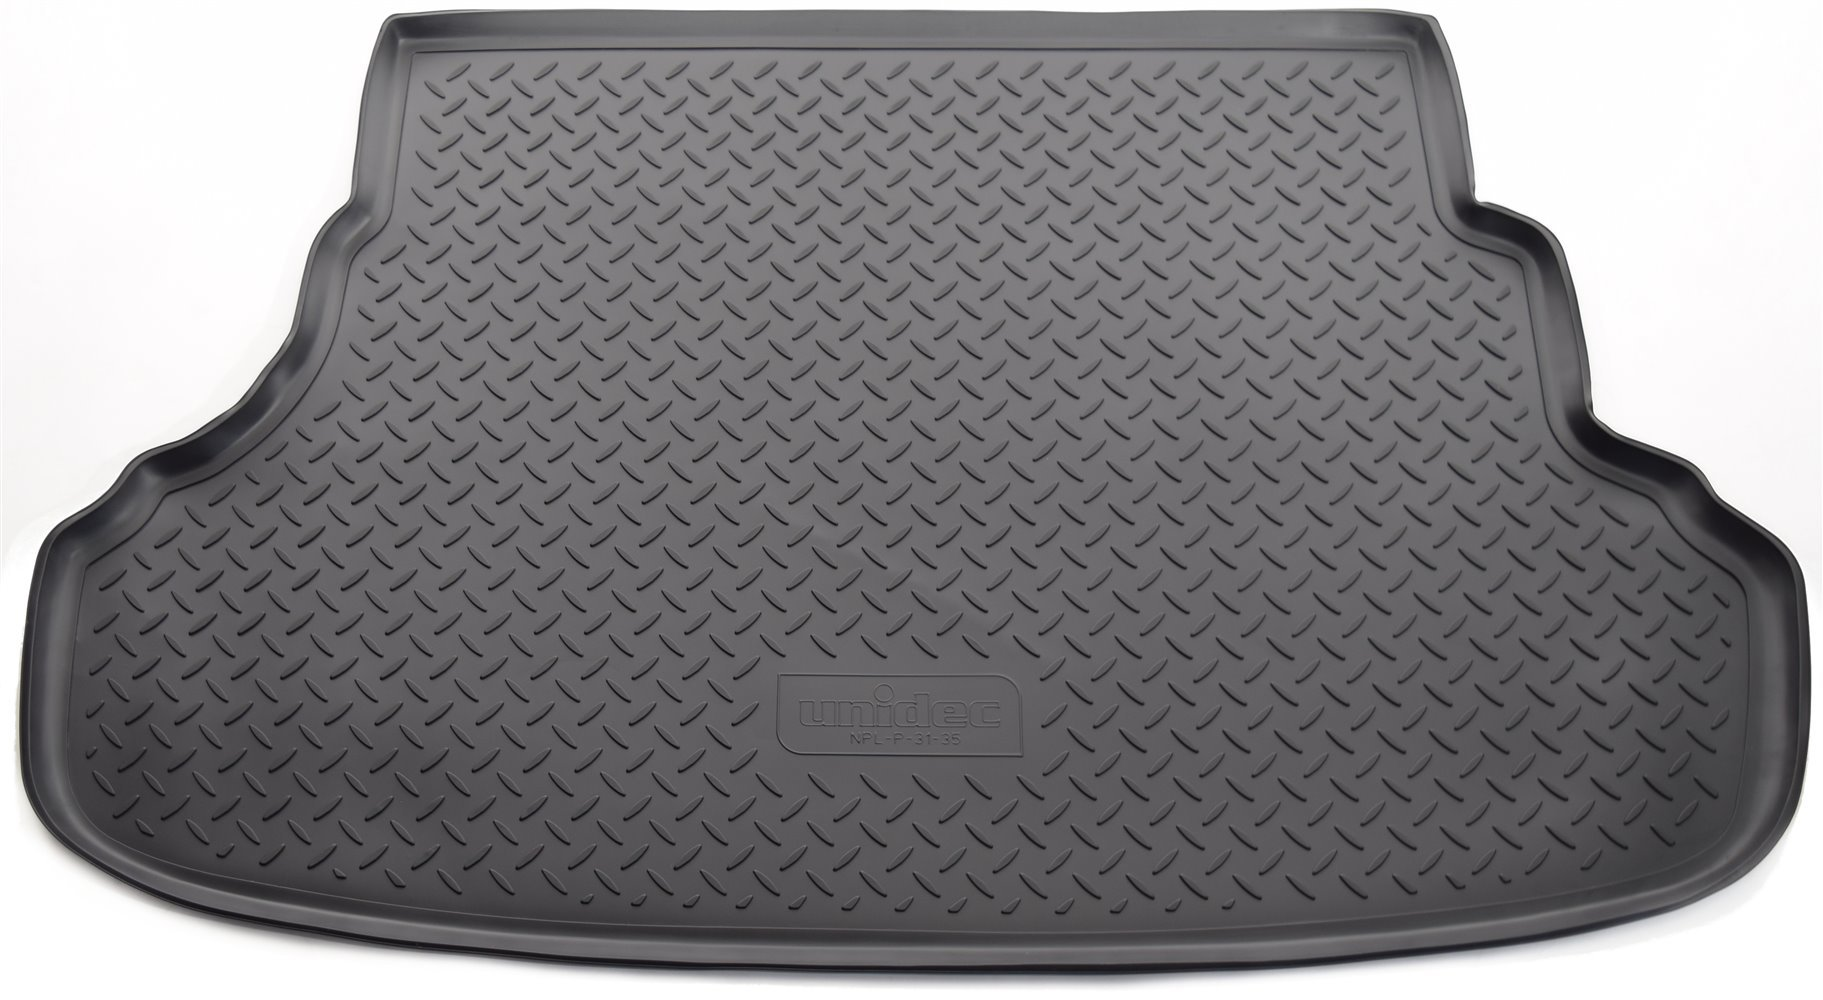 Коврик багажного отсека, 7 мест, резиновый, длинный для Санта Фе 4 (Hyundai Santa Fe) 2018 - 2019 недорого